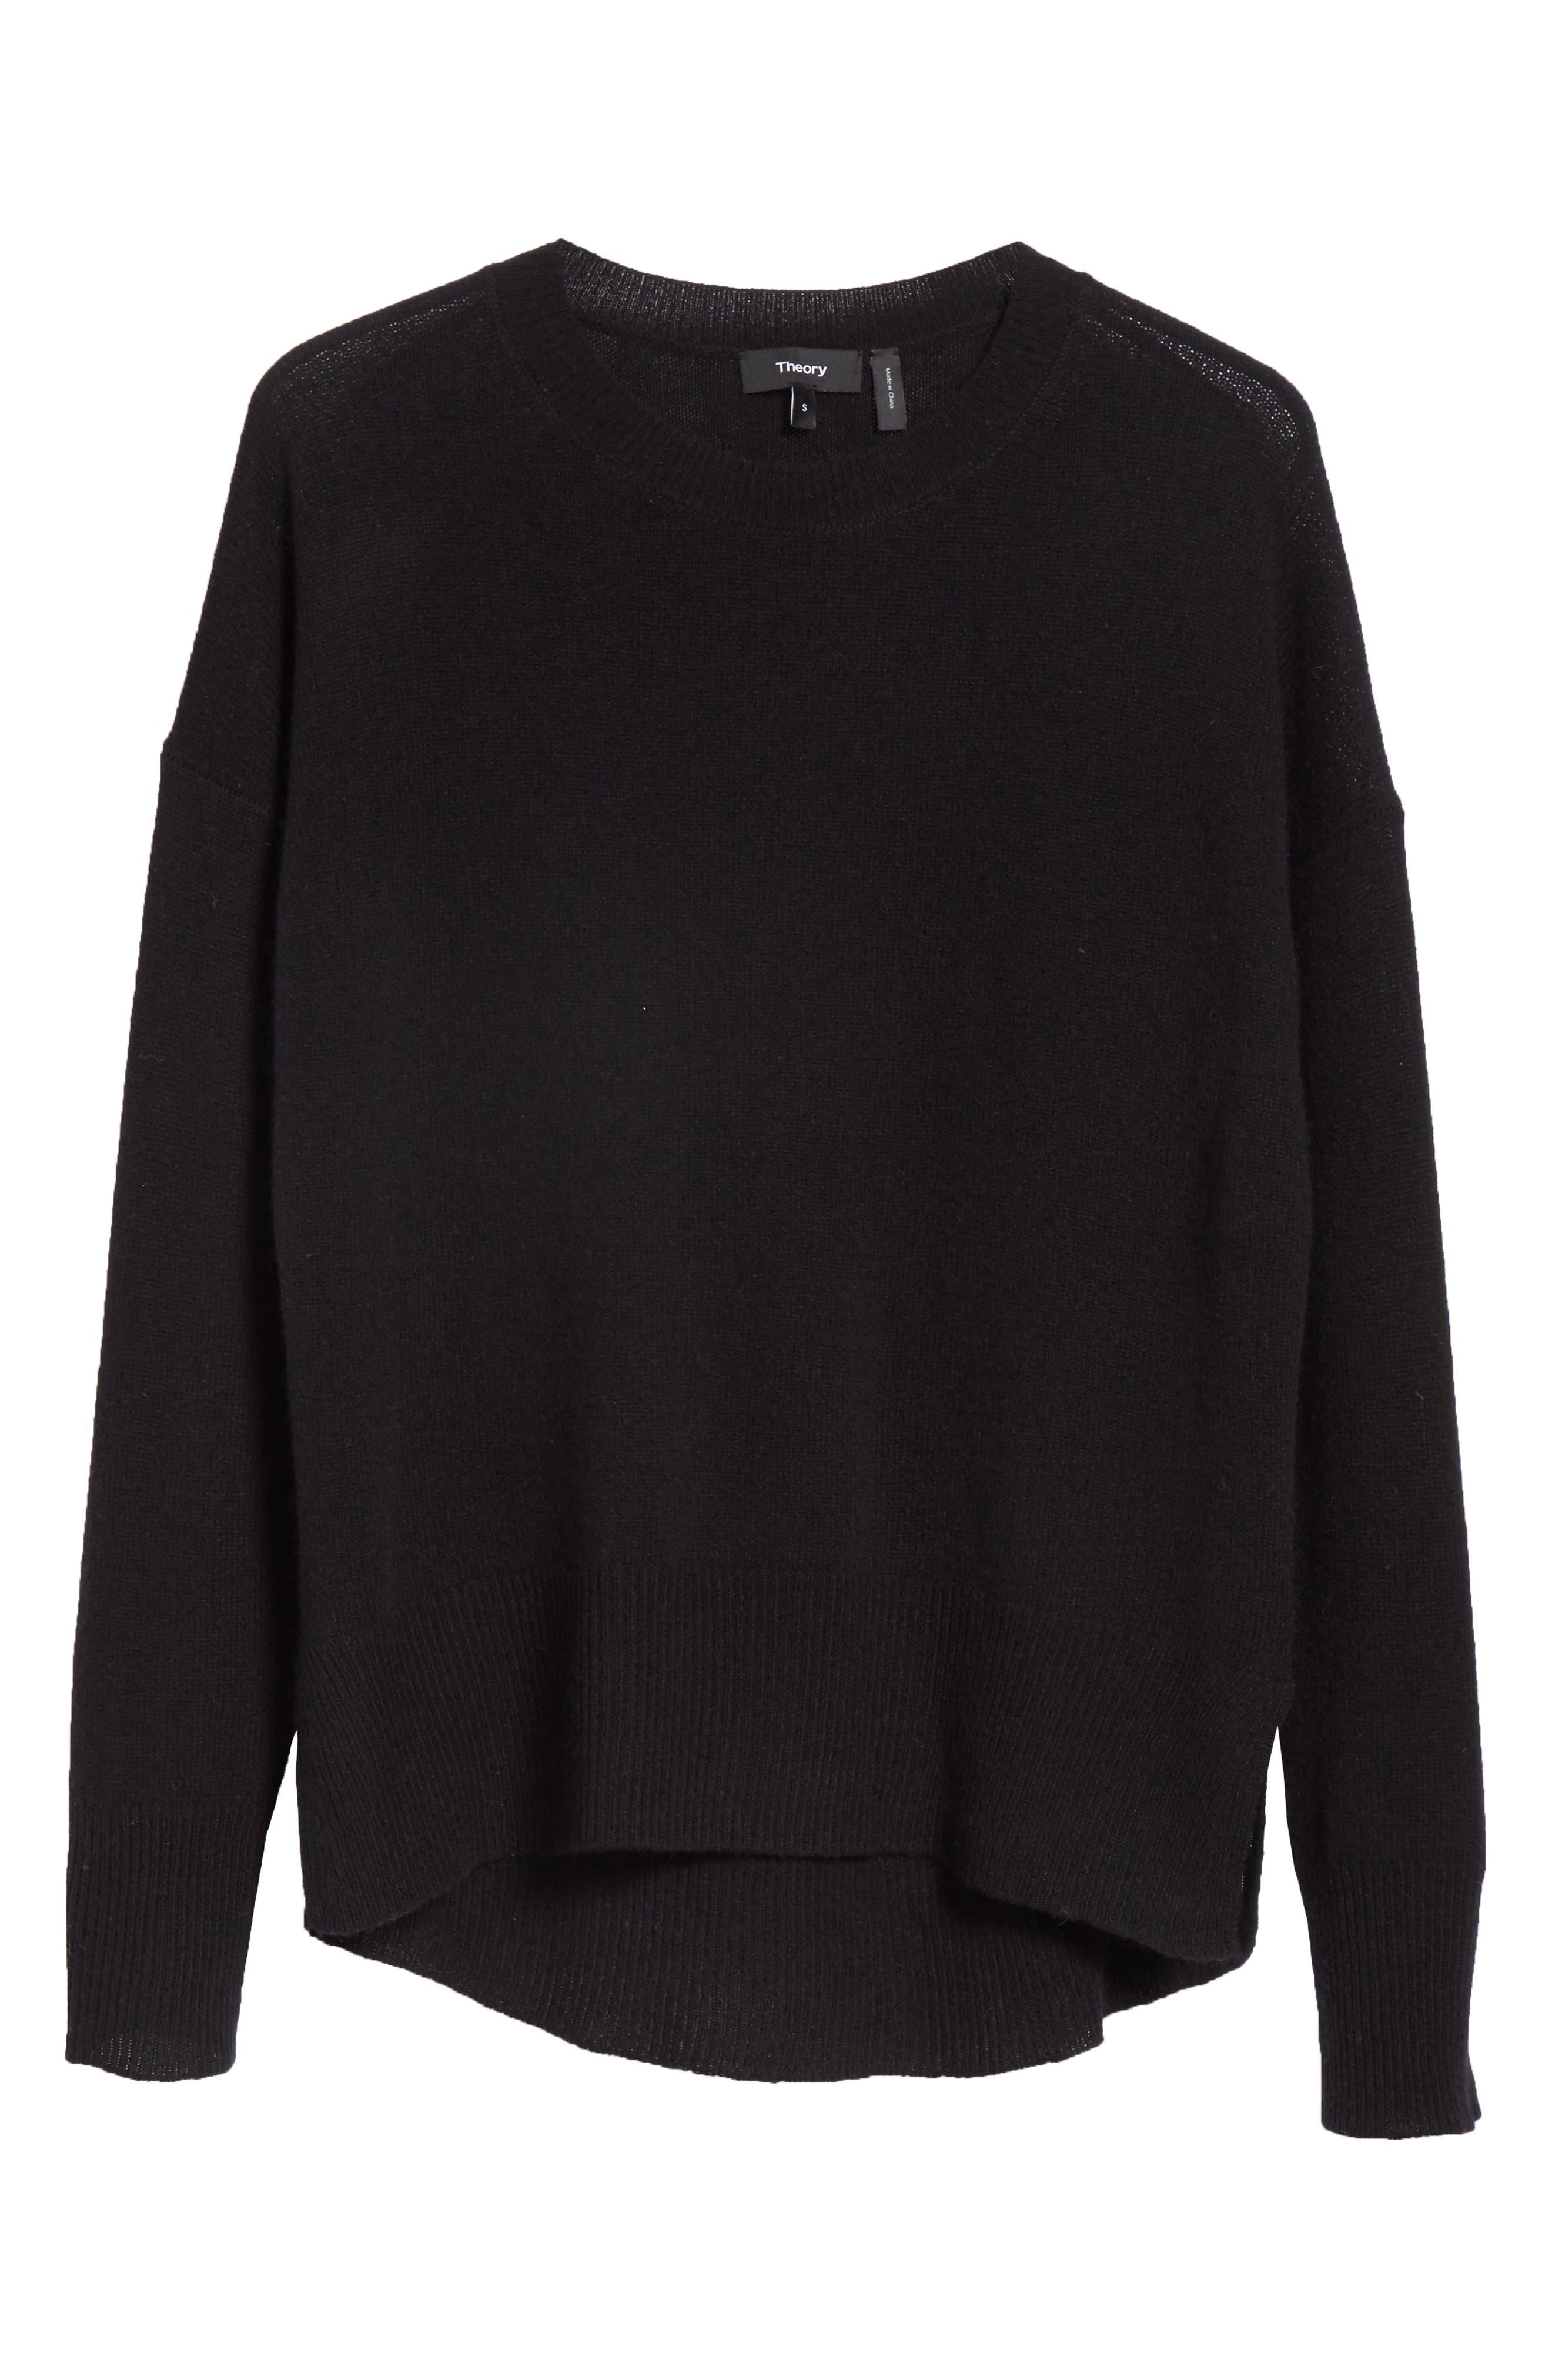 Karenia L Cashmere Sweater,                             Alternate thumbnail 5, color,                             Black